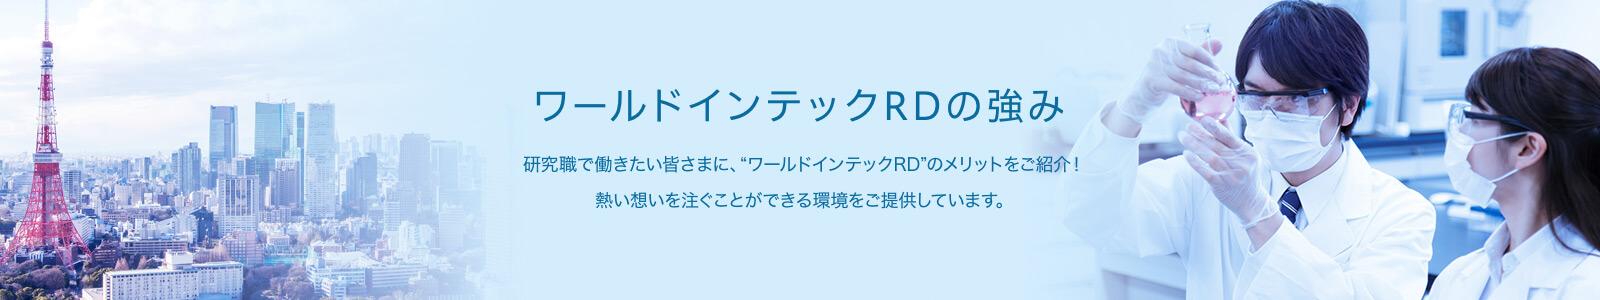 """ワールドインテックRDの強み 研究職で働きたい皆さまに、""""ワールドインテックR&D""""のメリットをご紹介!熱い想いを注ぐことができる環境をご提供しています。"""